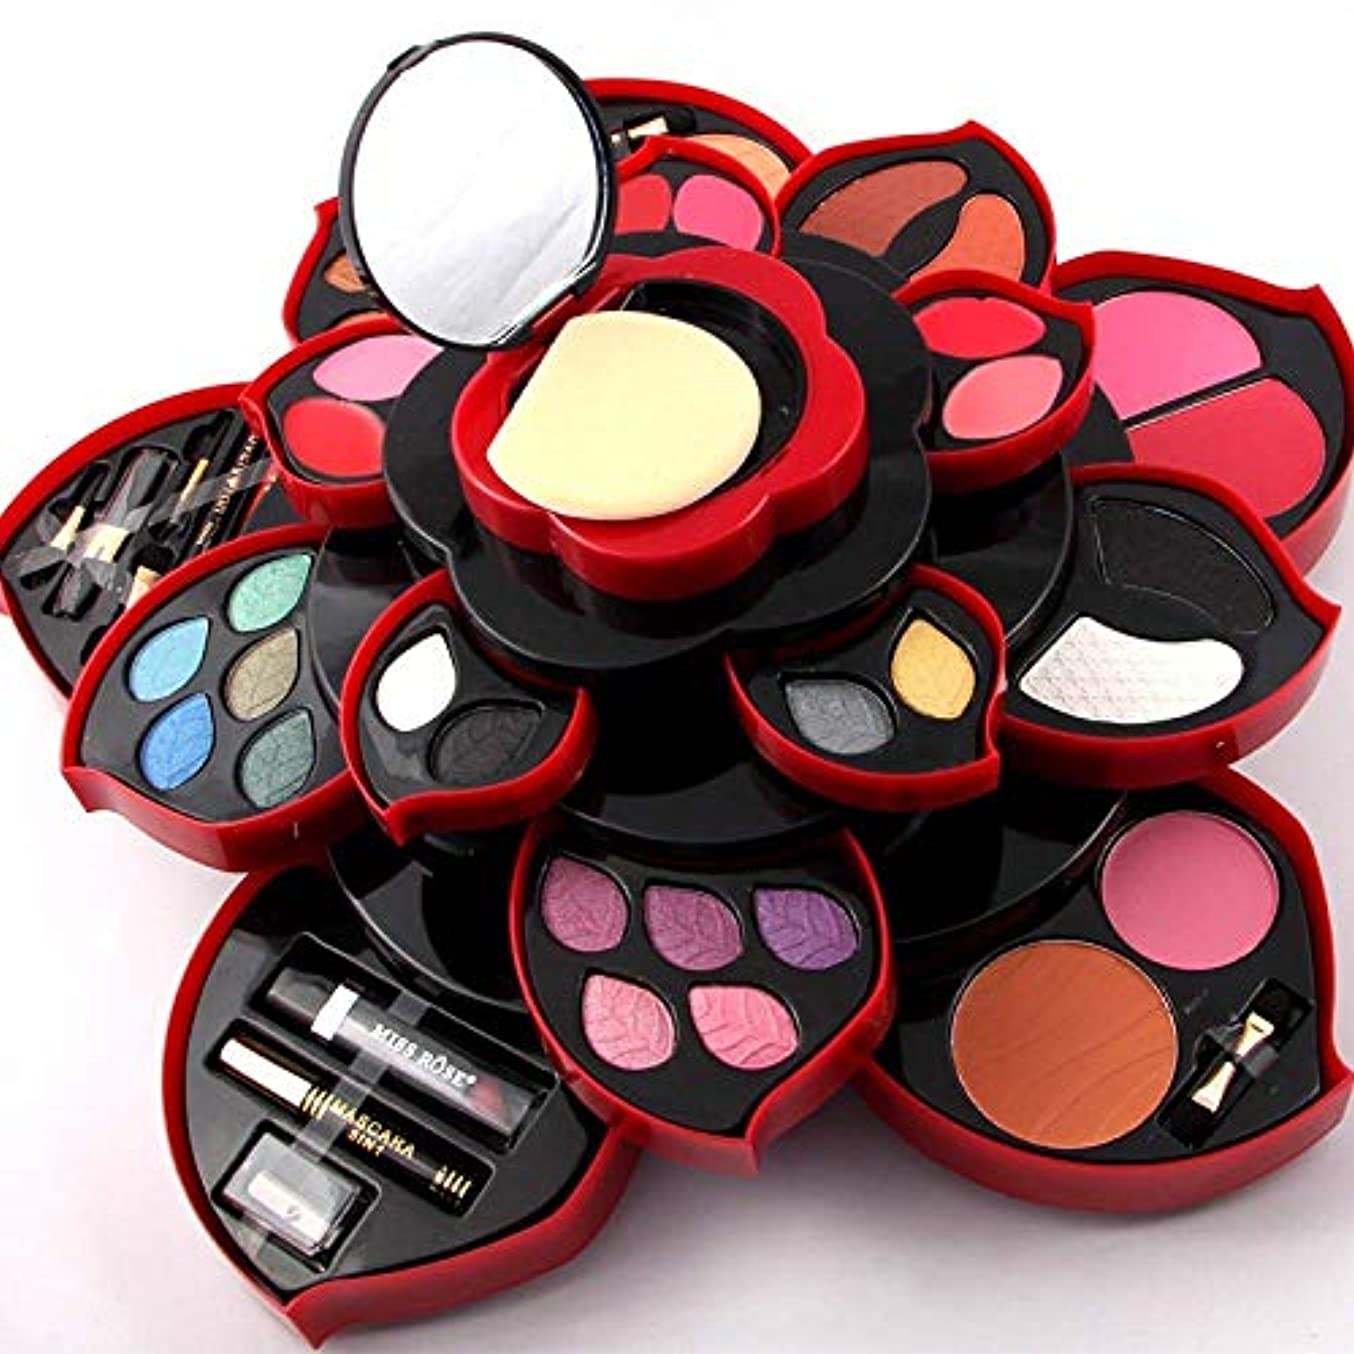 バタフライ禁じる異常アイシャドウの化粧パレット、マット&シマーアイシャドウ、化粧鏡付きの高度に着色された化粧パレット